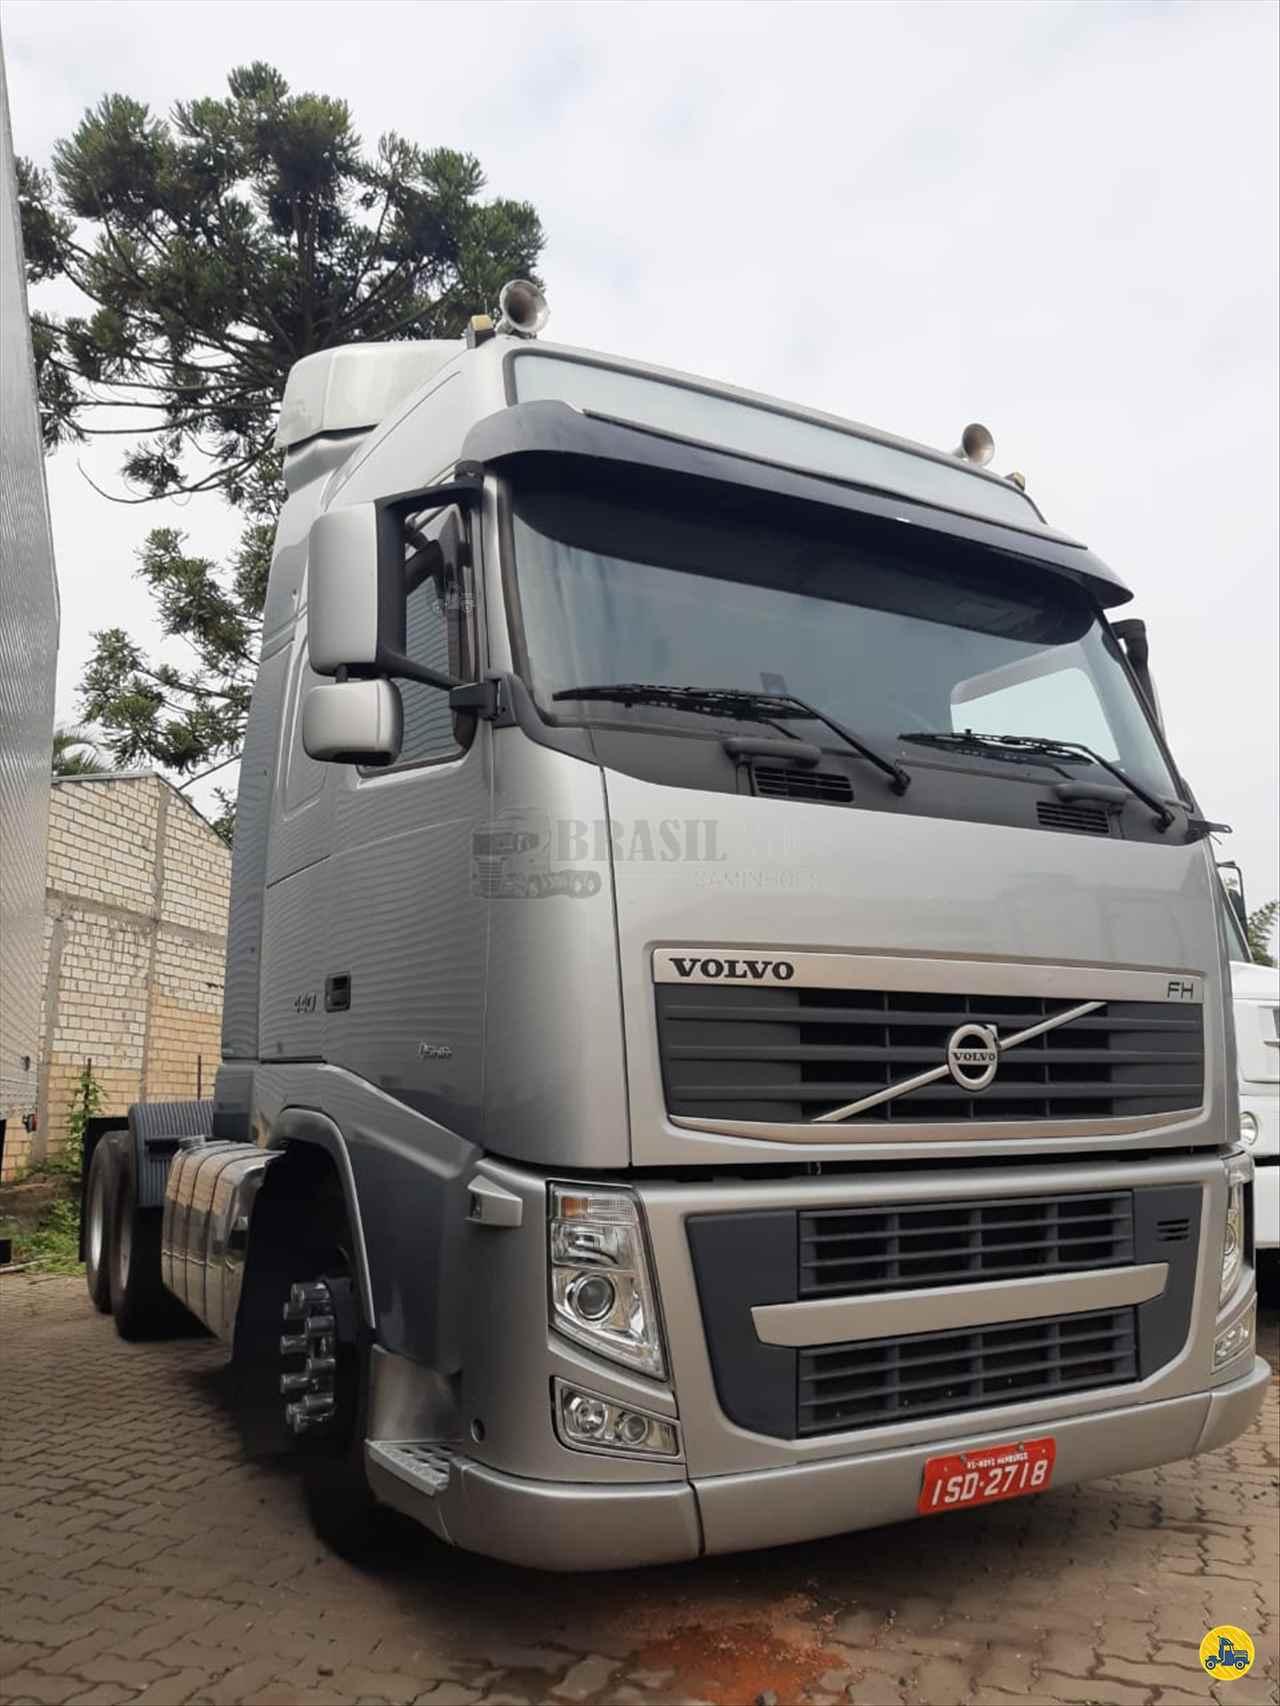 CAMINHAO VOLVO VOLVO FH 440 Cavalo Mecânico Truck 6x2 Brasil Sul Caminhões PORTAO RIO GRANDE DO SUL RS